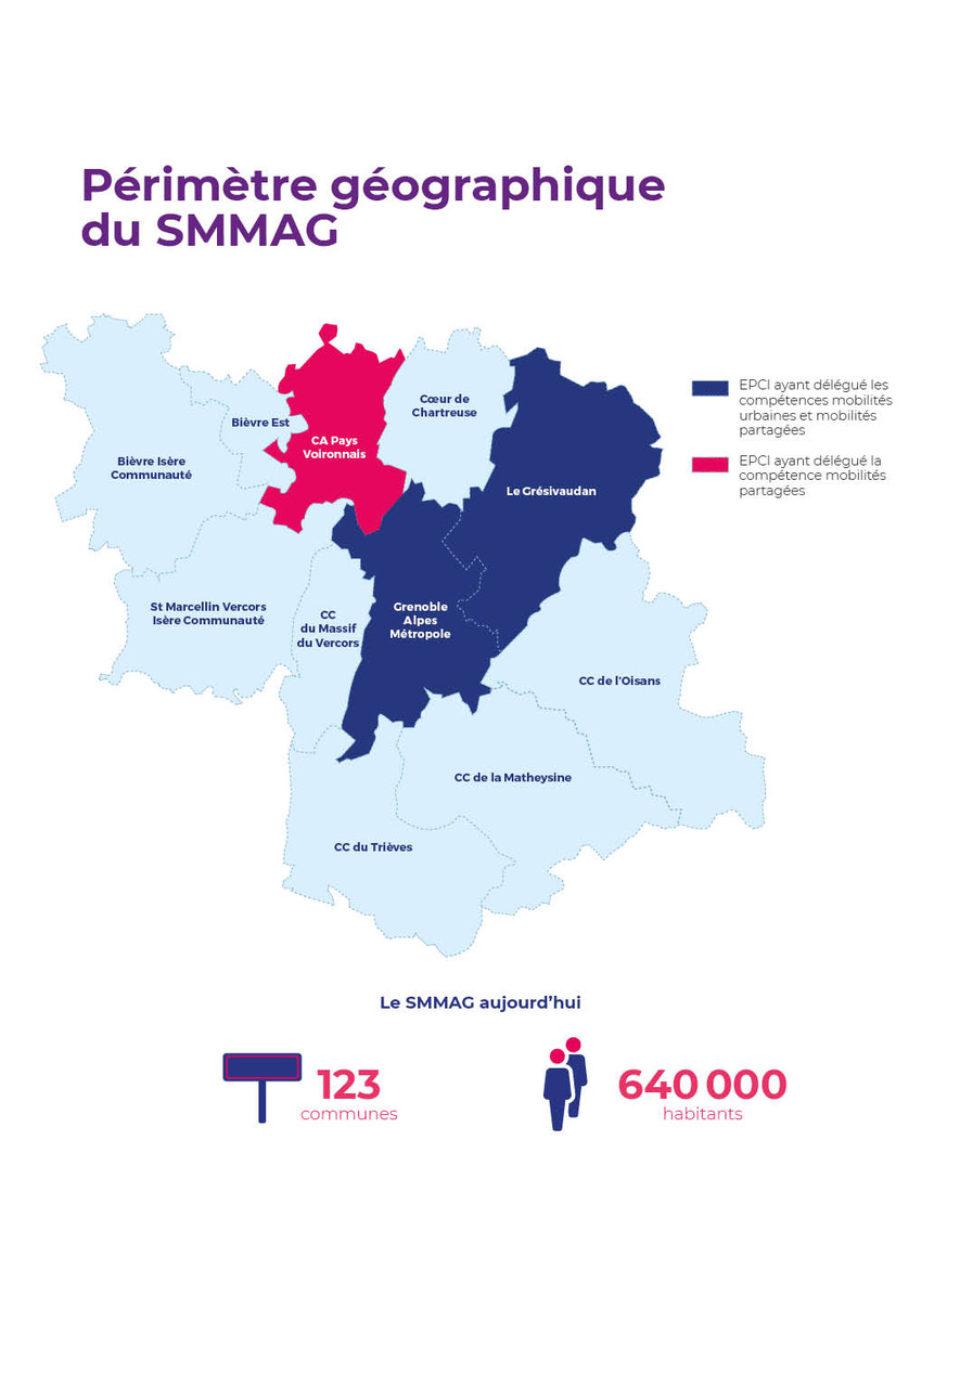 smmag-carto-perimetre